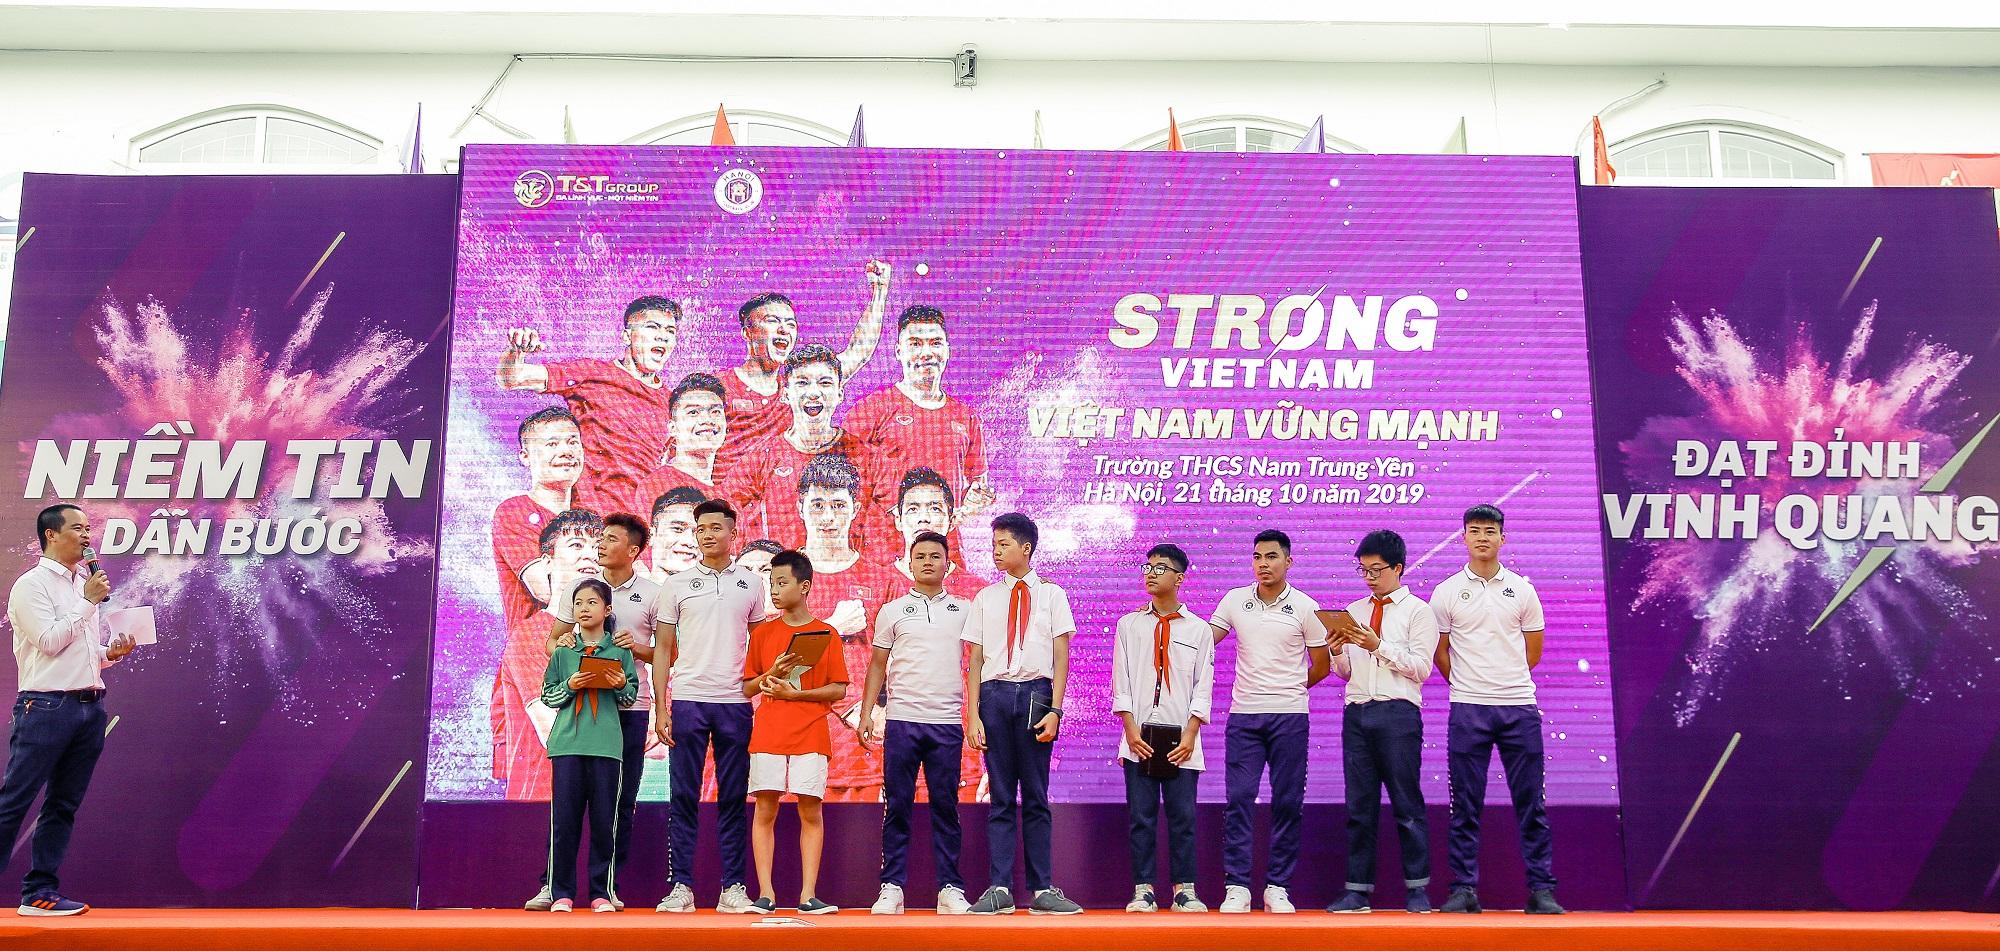 Strong Vietnam - Hành trình của ước mơ và niềm tin  - Ảnh 4